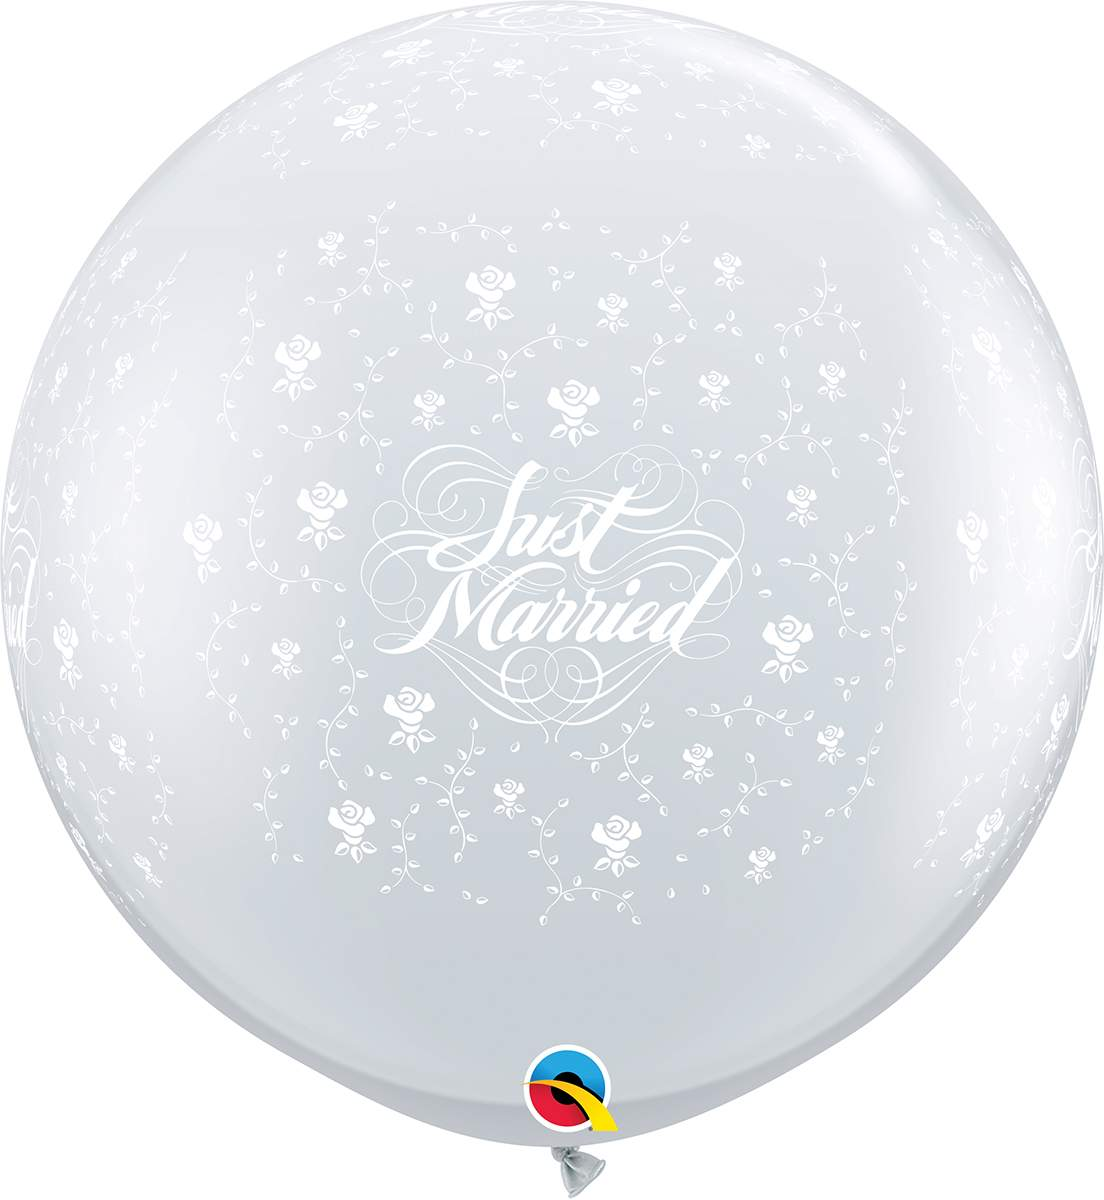 """36"""" μπαλόνι τυπωμένο Just Married διάφανο"""